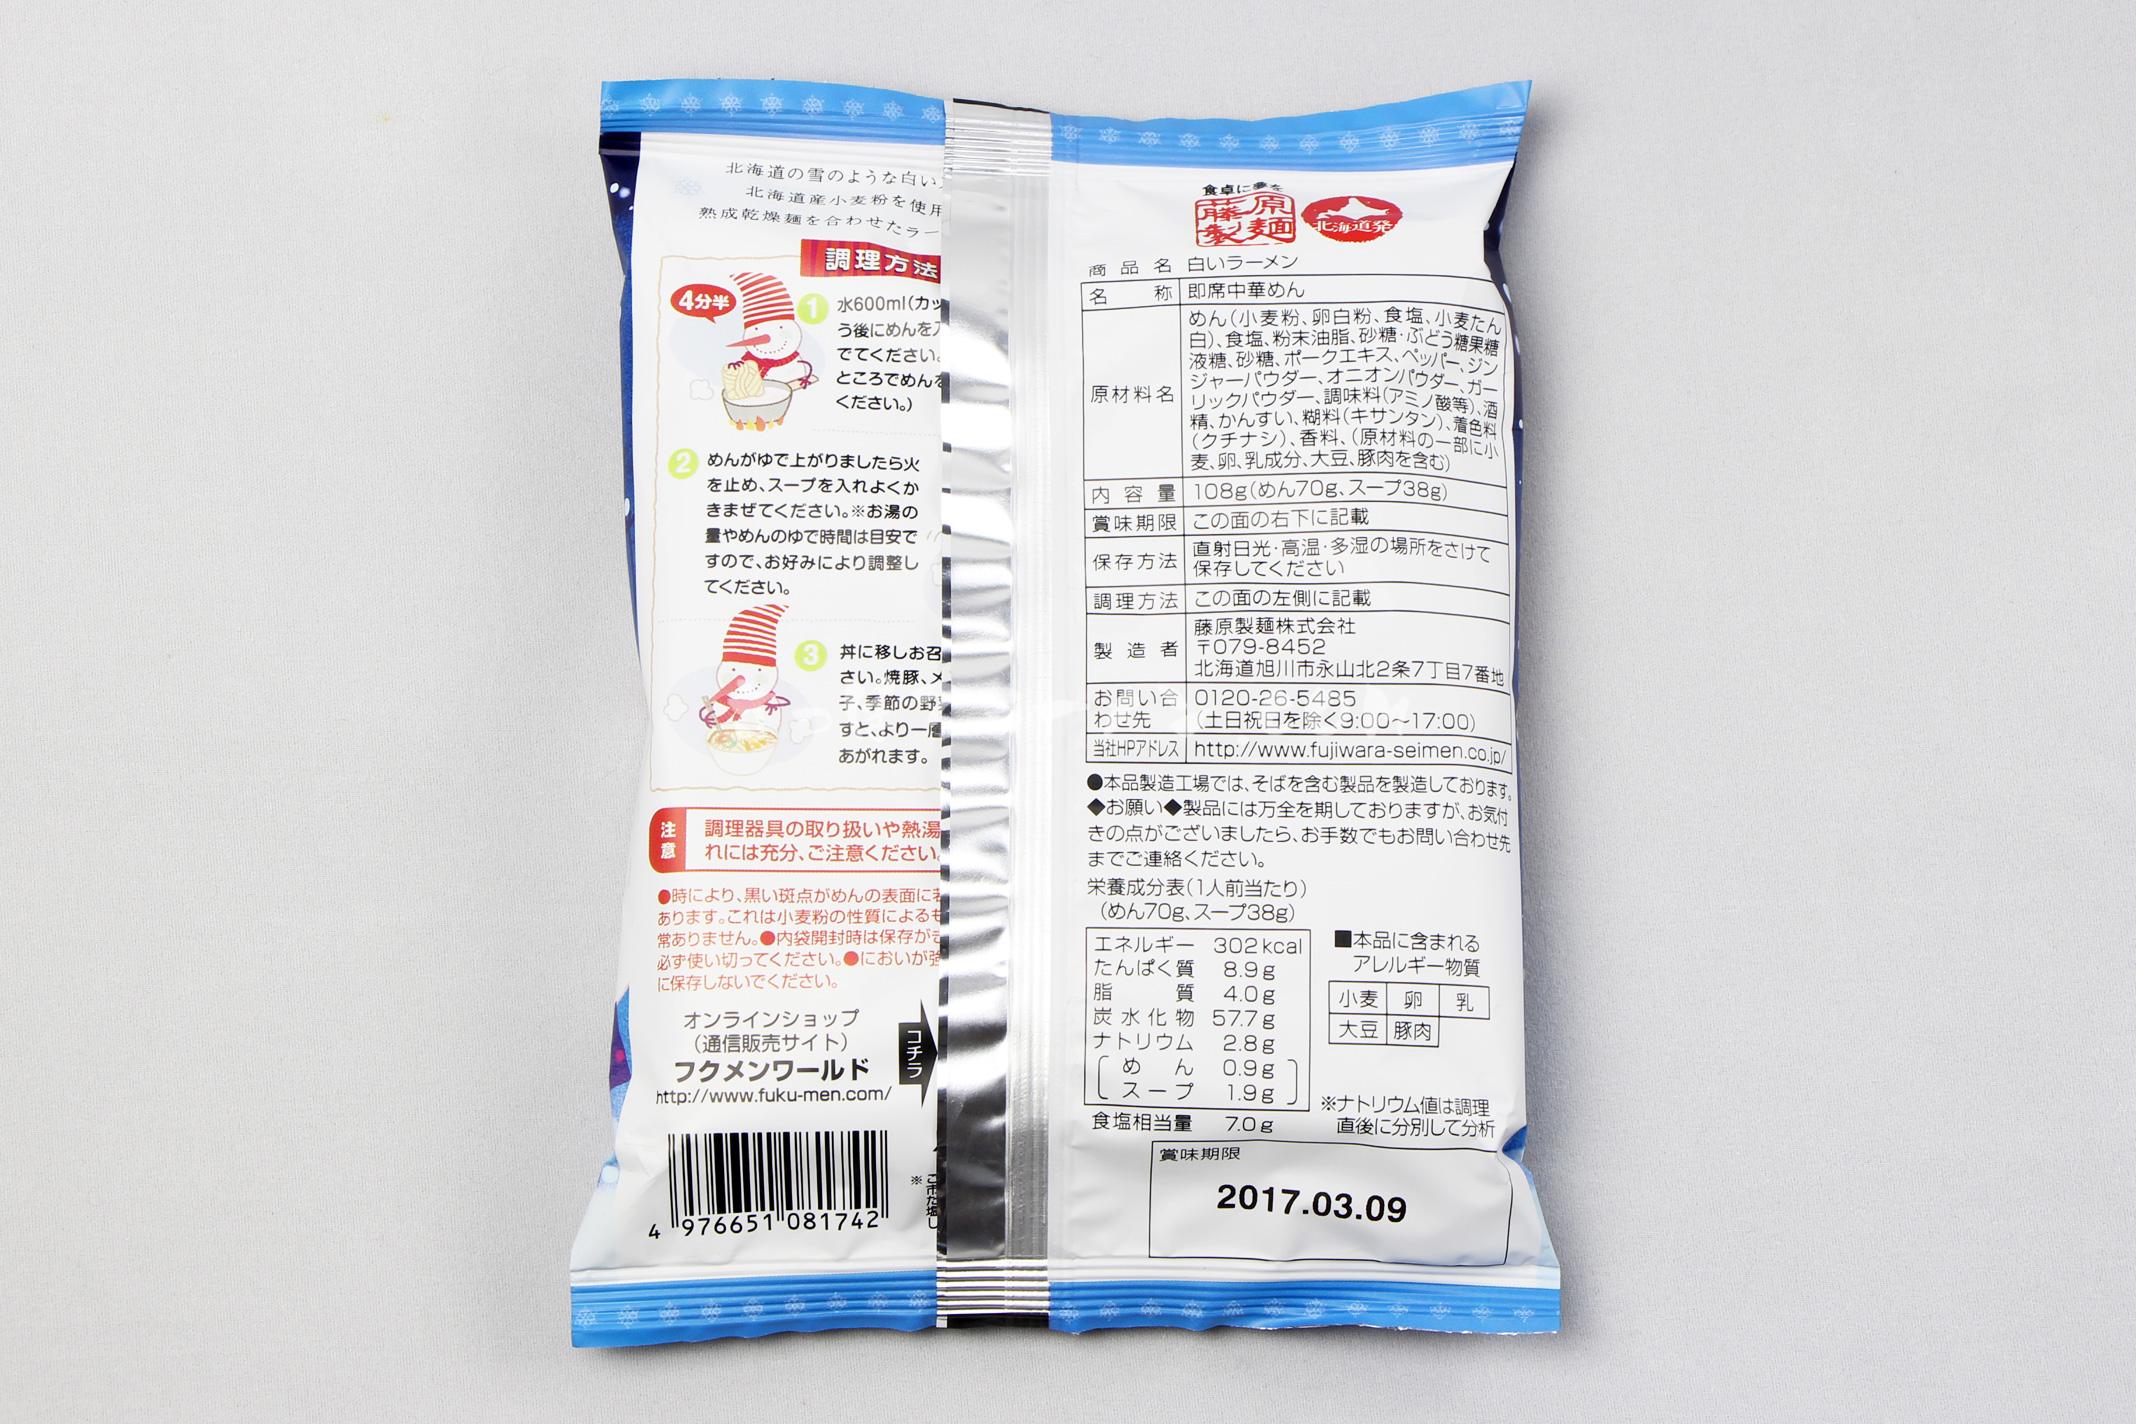 「北海道限定 白いラーメン 塩バター味」(藤原製麺)のパッケージ(裏)